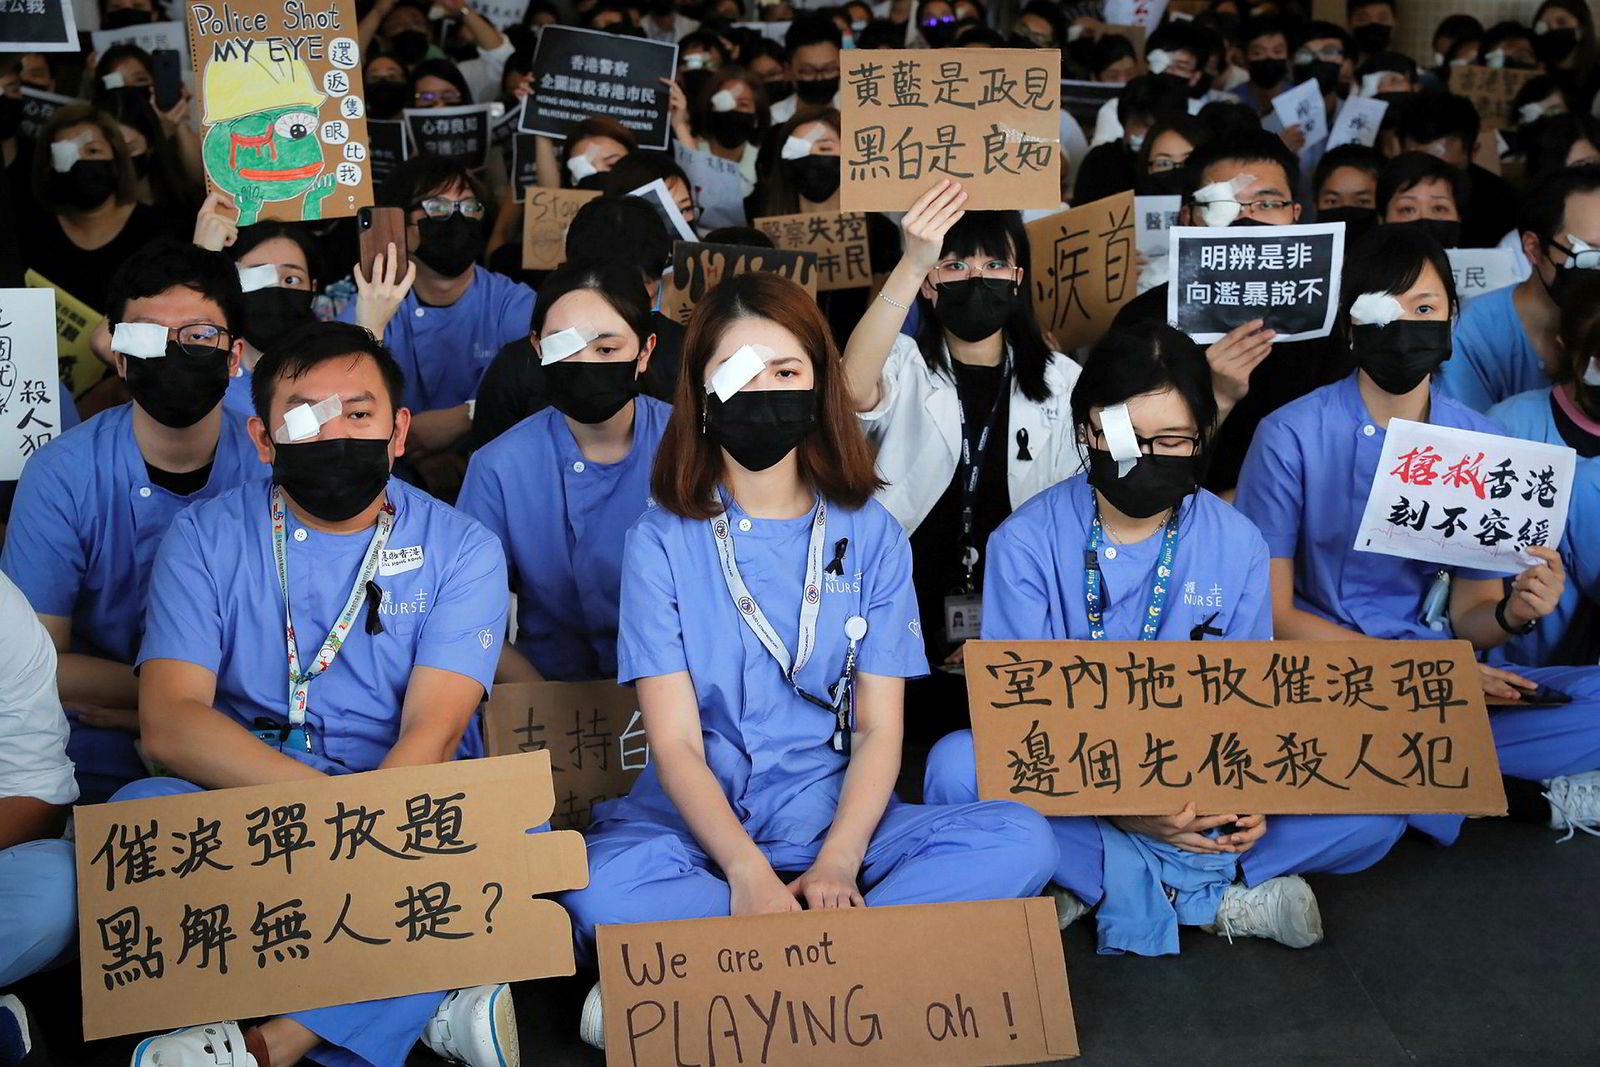 Helsepersonell demonstrerte tirsdag mot politivold under opptøyene i Hongkong. FNs menneskerettssjef ba samme dag om en granskning av politiets maktbruk.